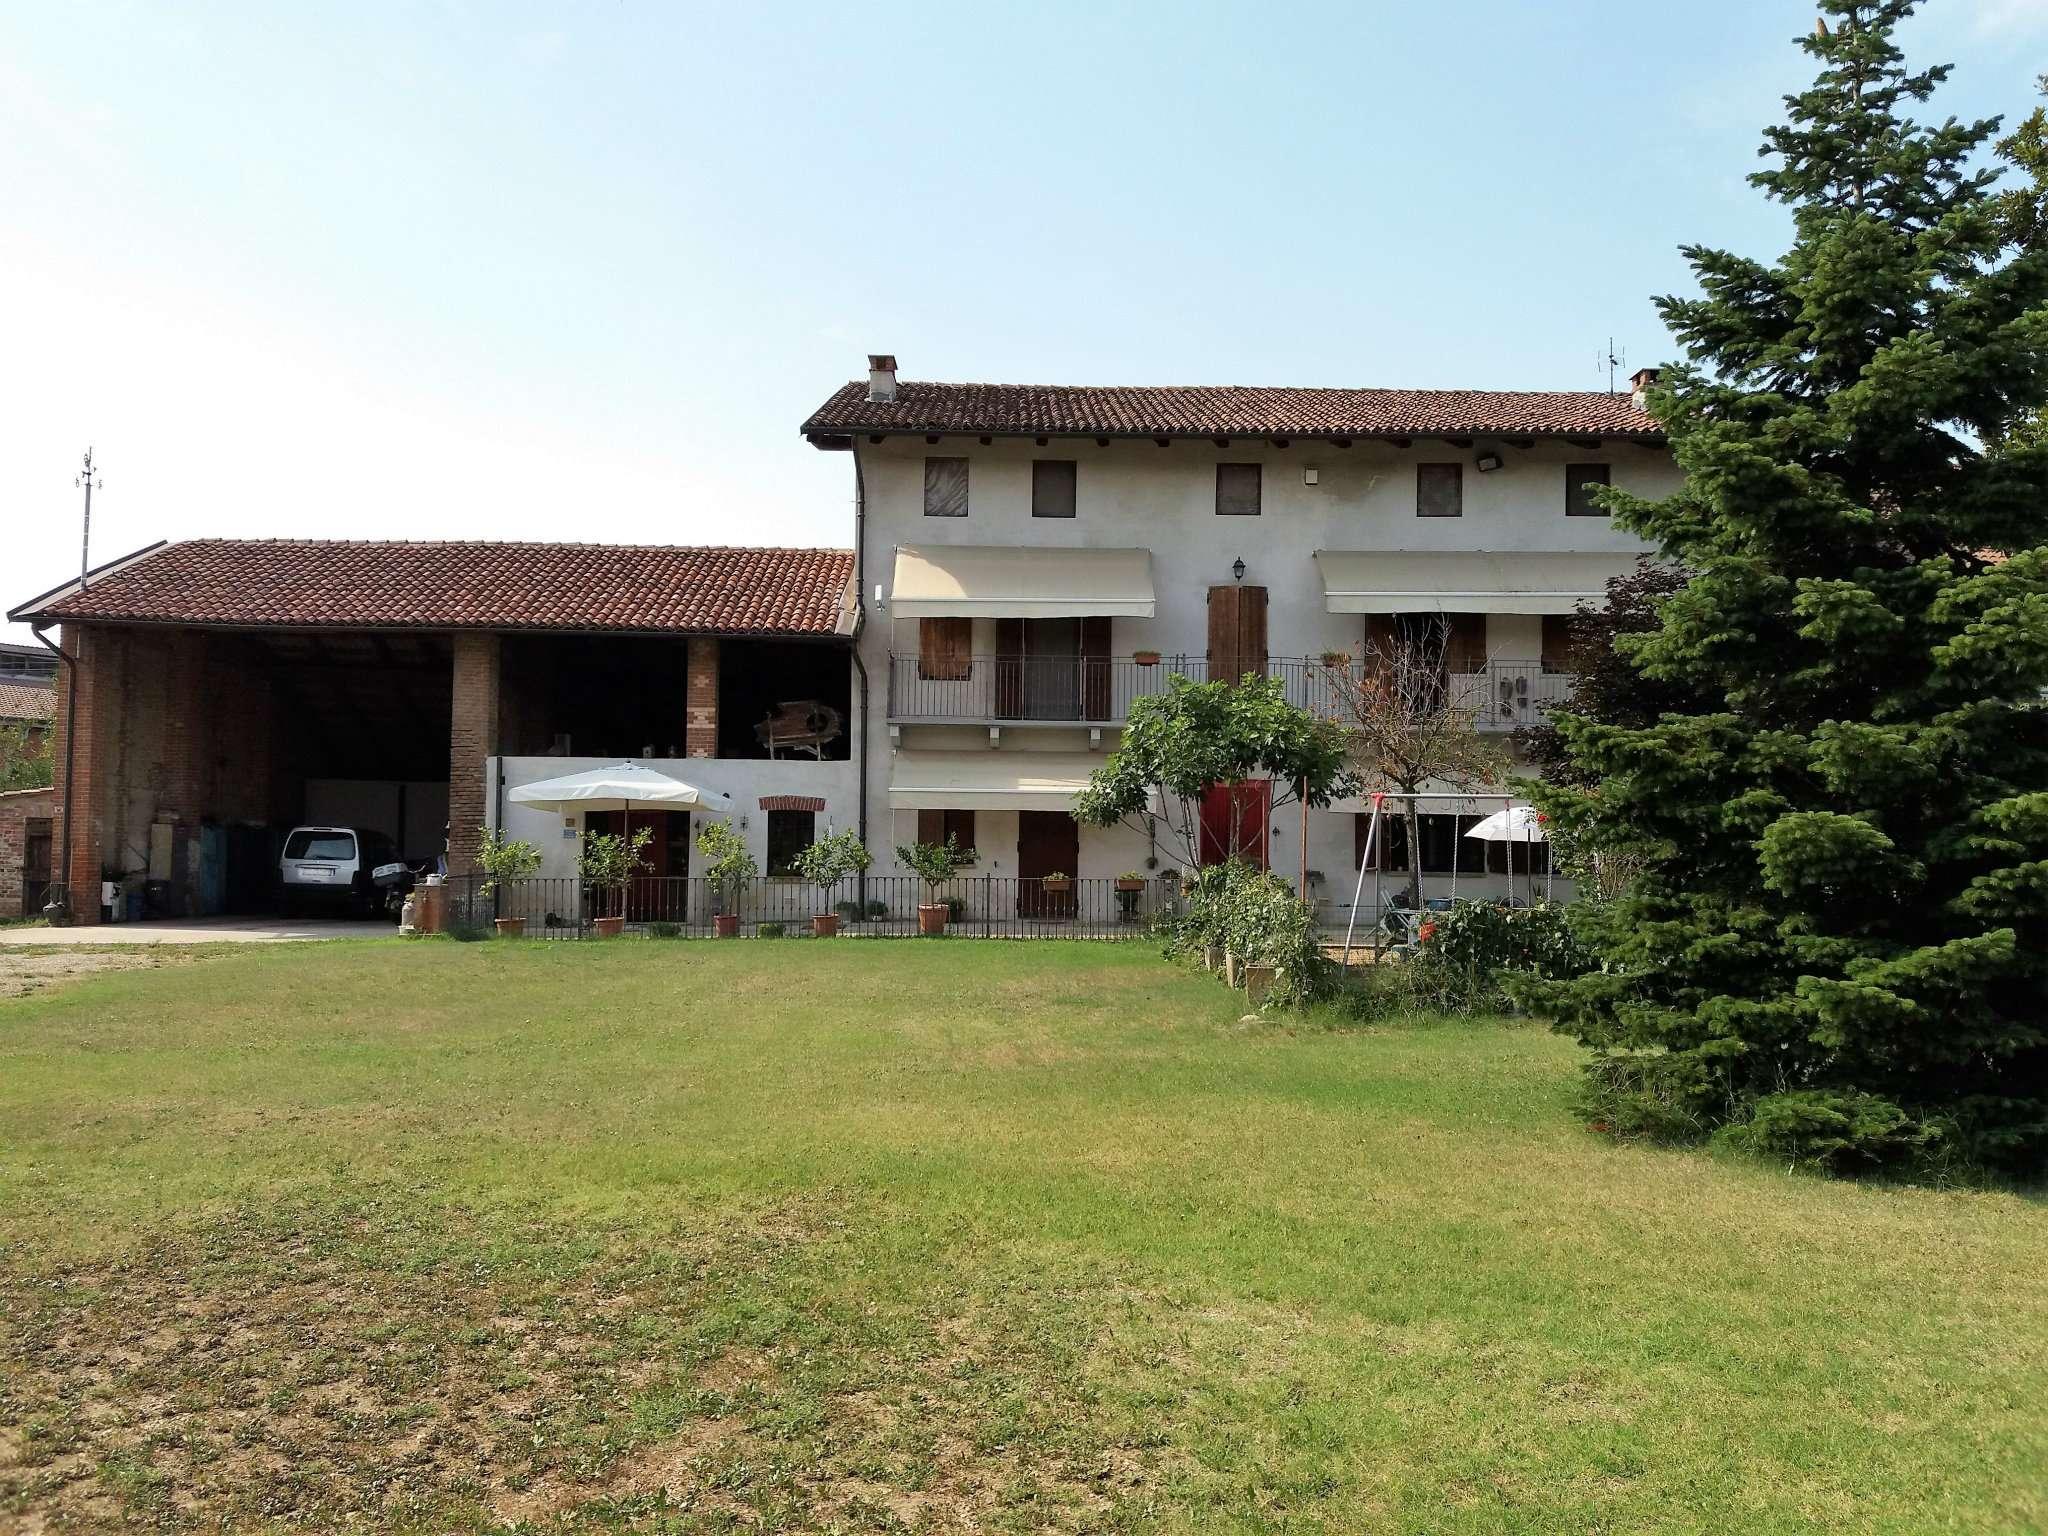 Foto 1 di Casa indipendente via CANONICO CHICCO, Carmagnola